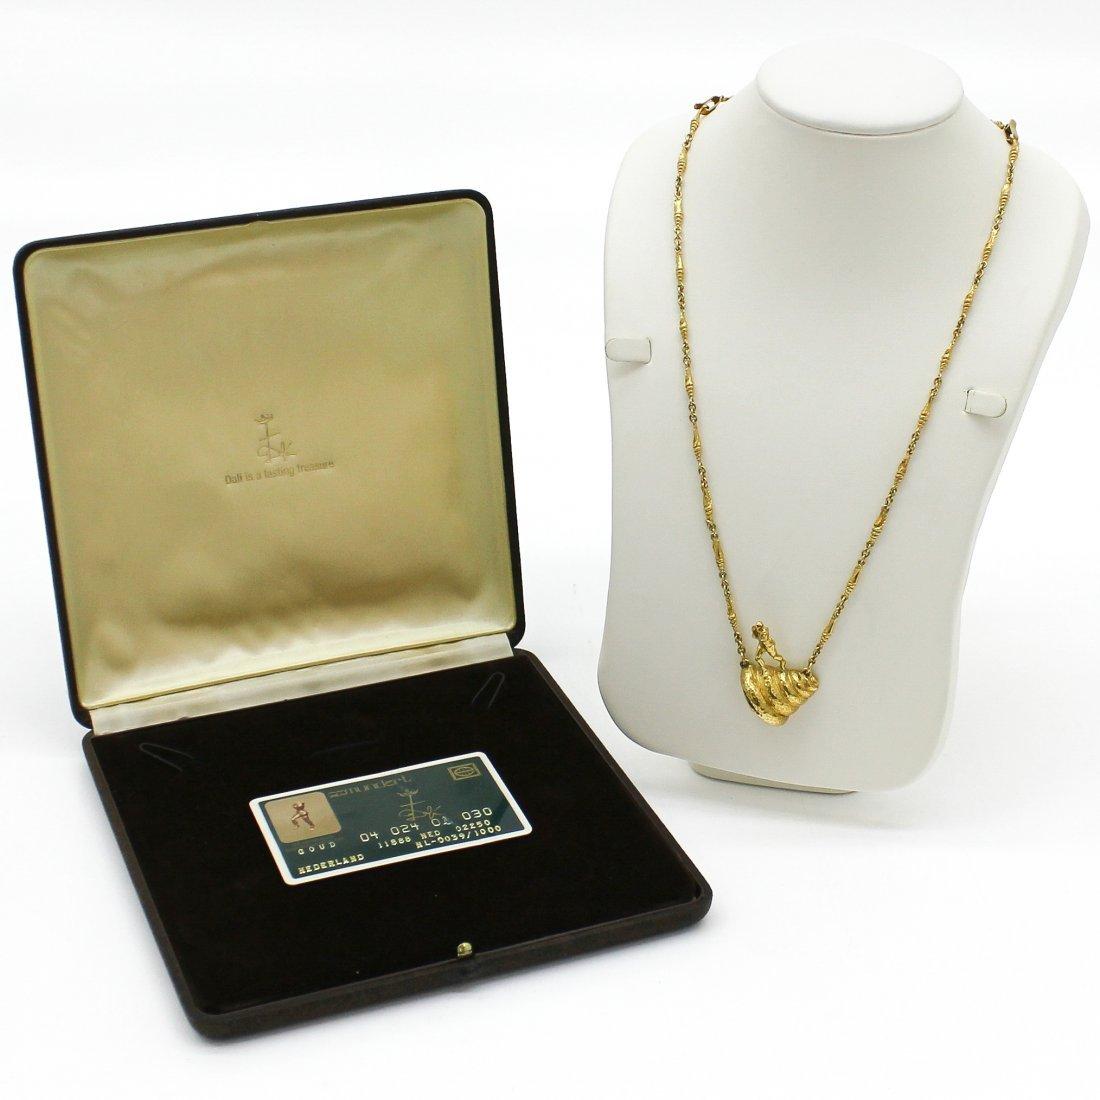 18KG Salvador Dali Necklace Original Box and Card